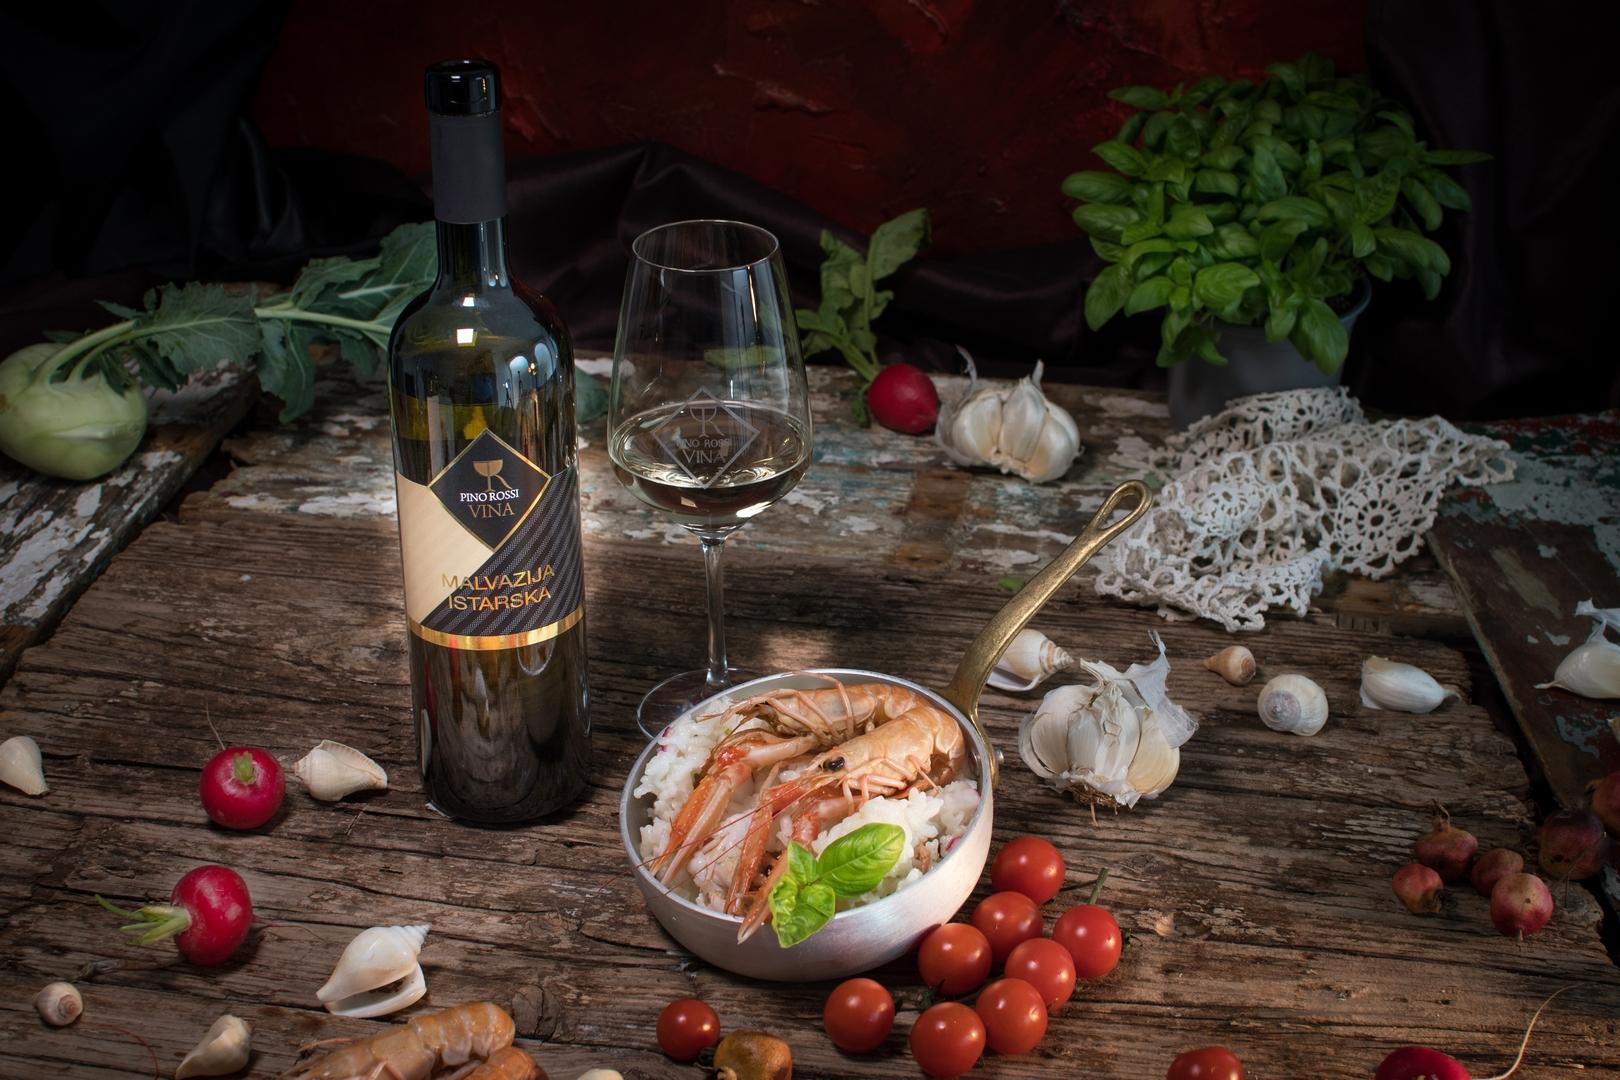 Vino Pino Rossi